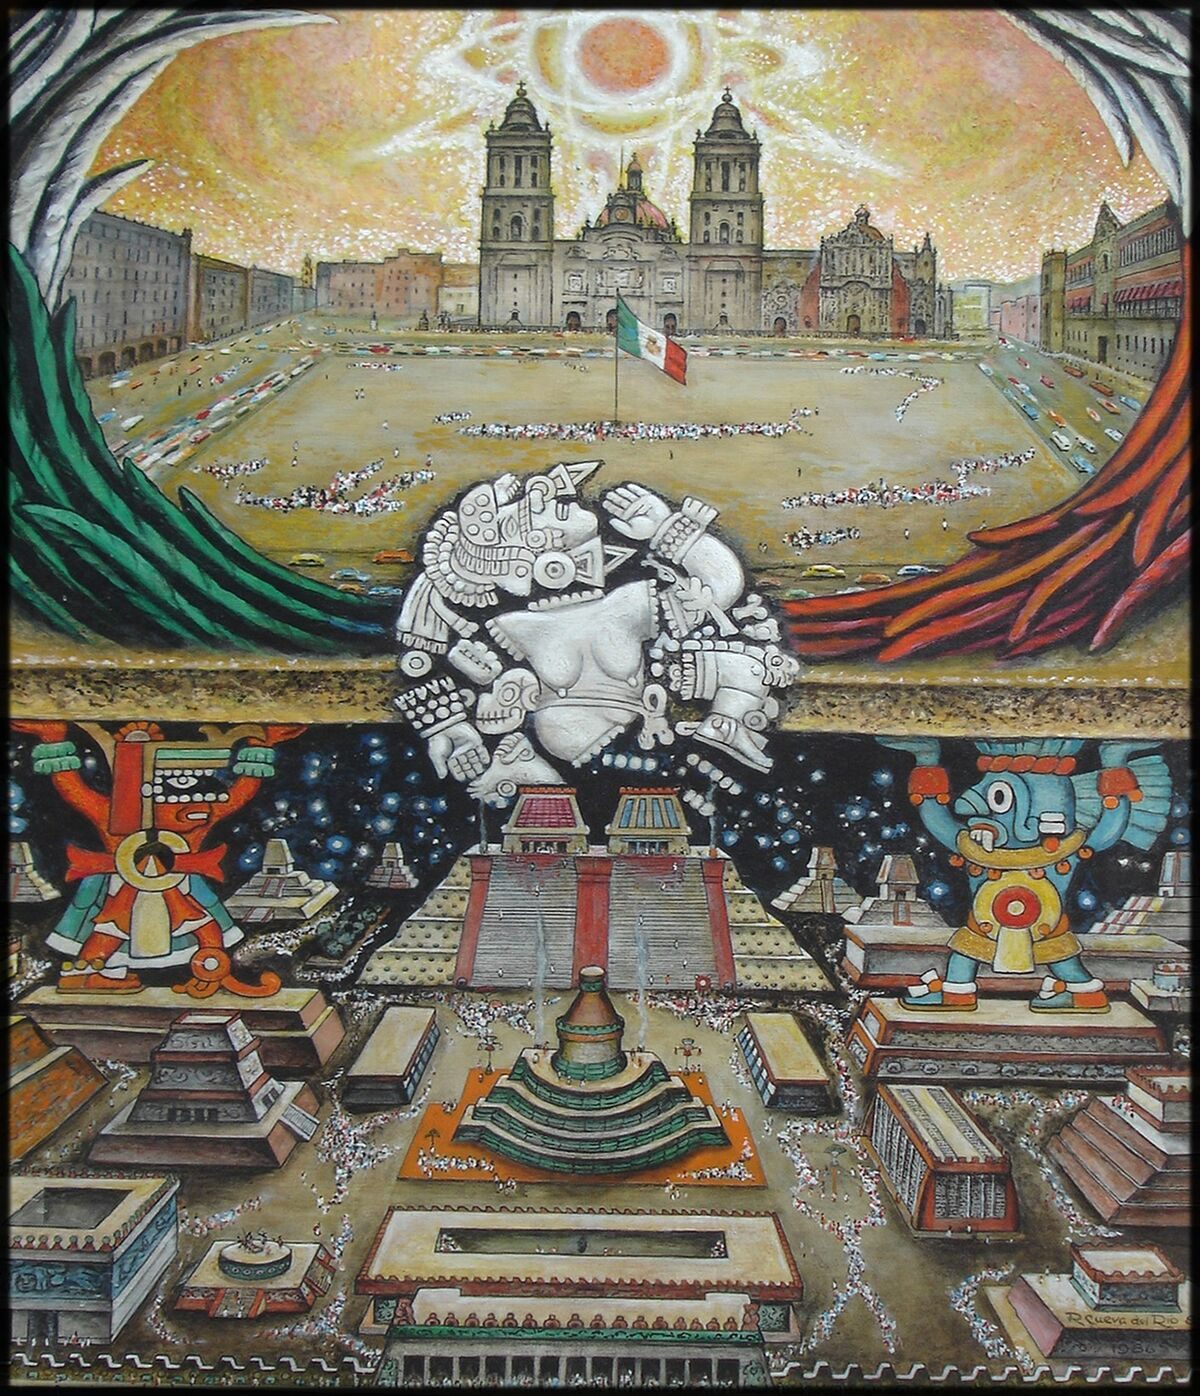 Roberto Cueva Del Río, Fundación Tenochtitlan, 1986. Imagen a través de Wikimedia Commons.